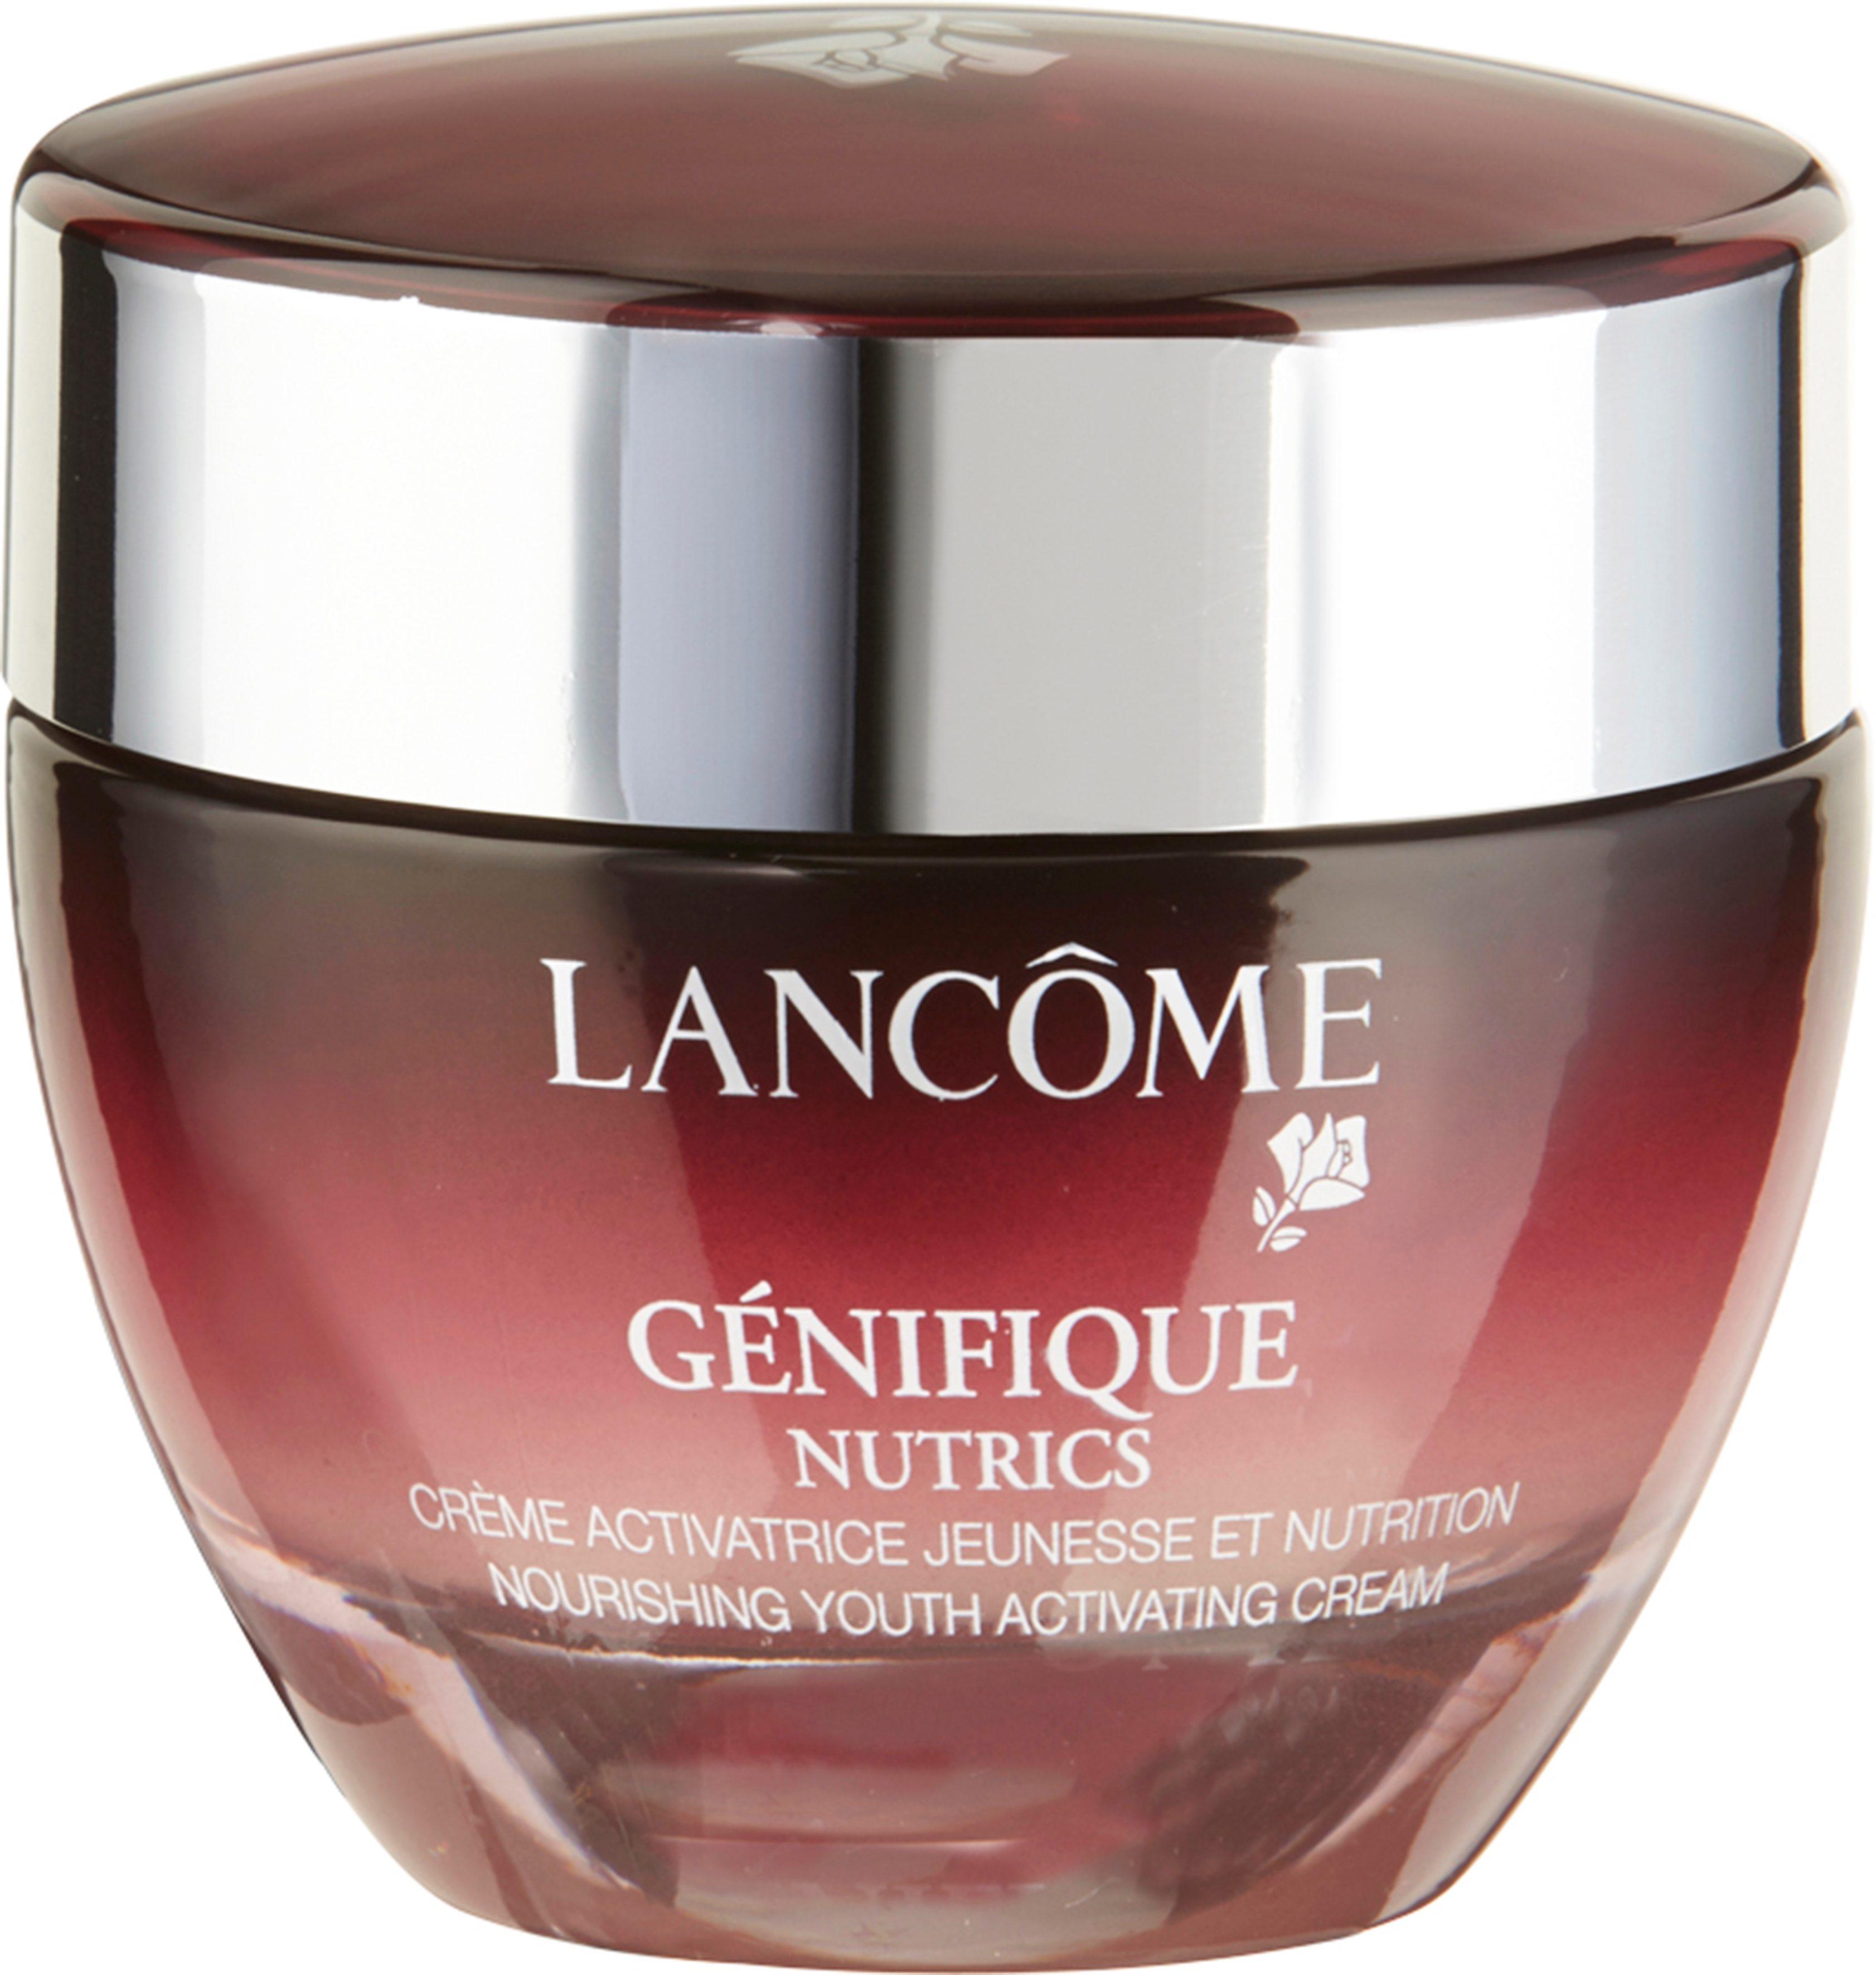 Lancôme, »Génifique Nutrics«, Anti-Aging Gesichtscreme